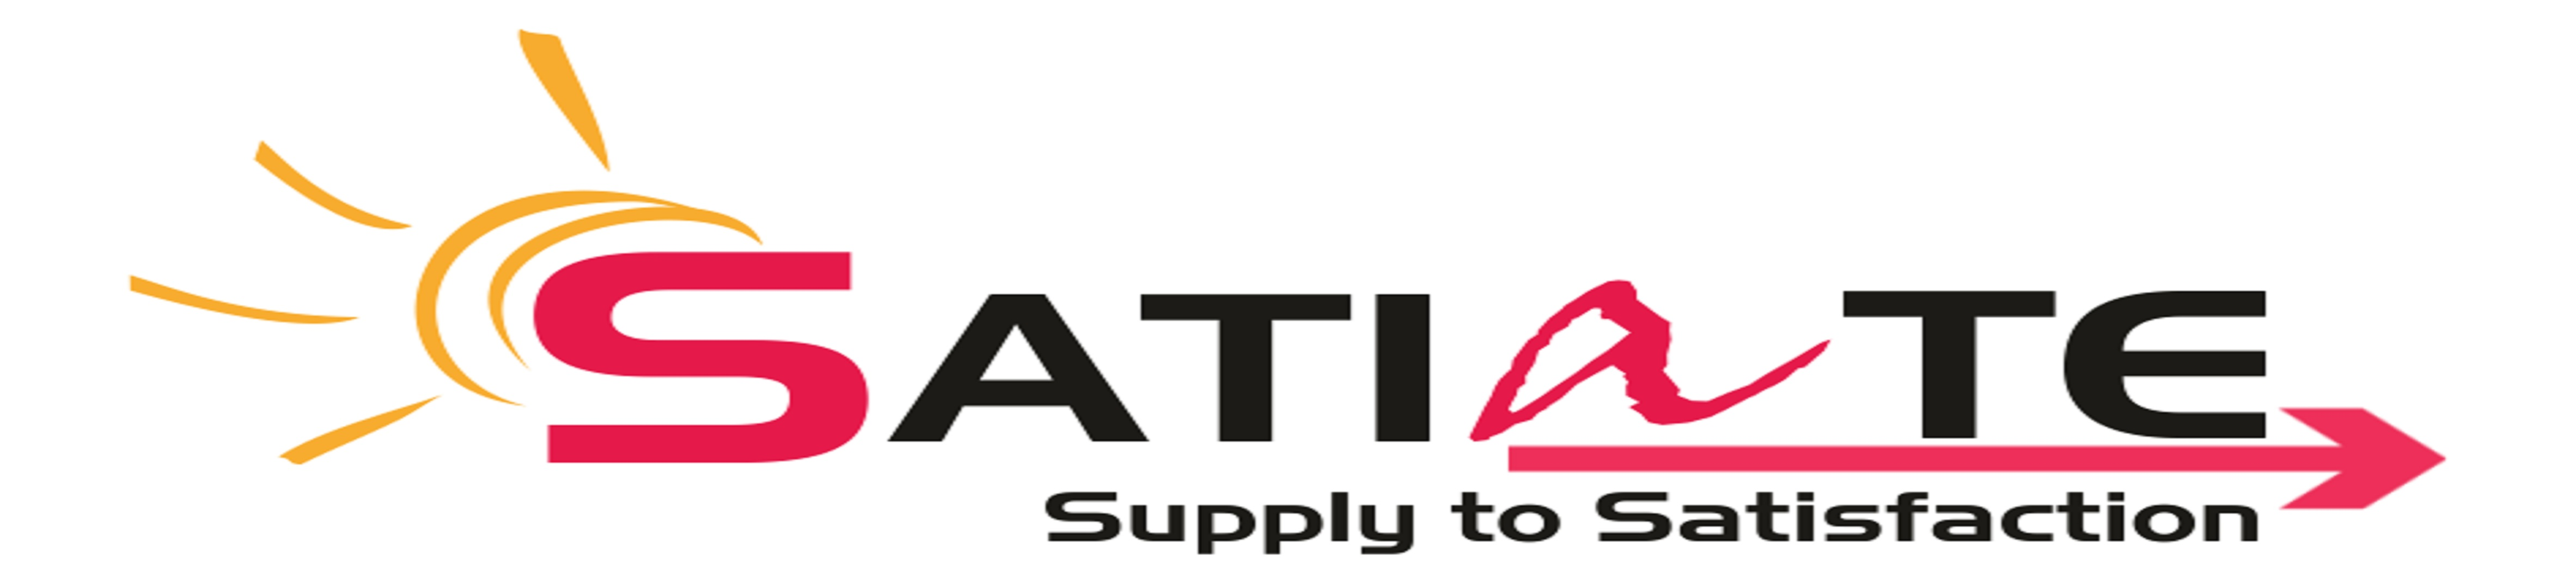 Satiate Consulting Image